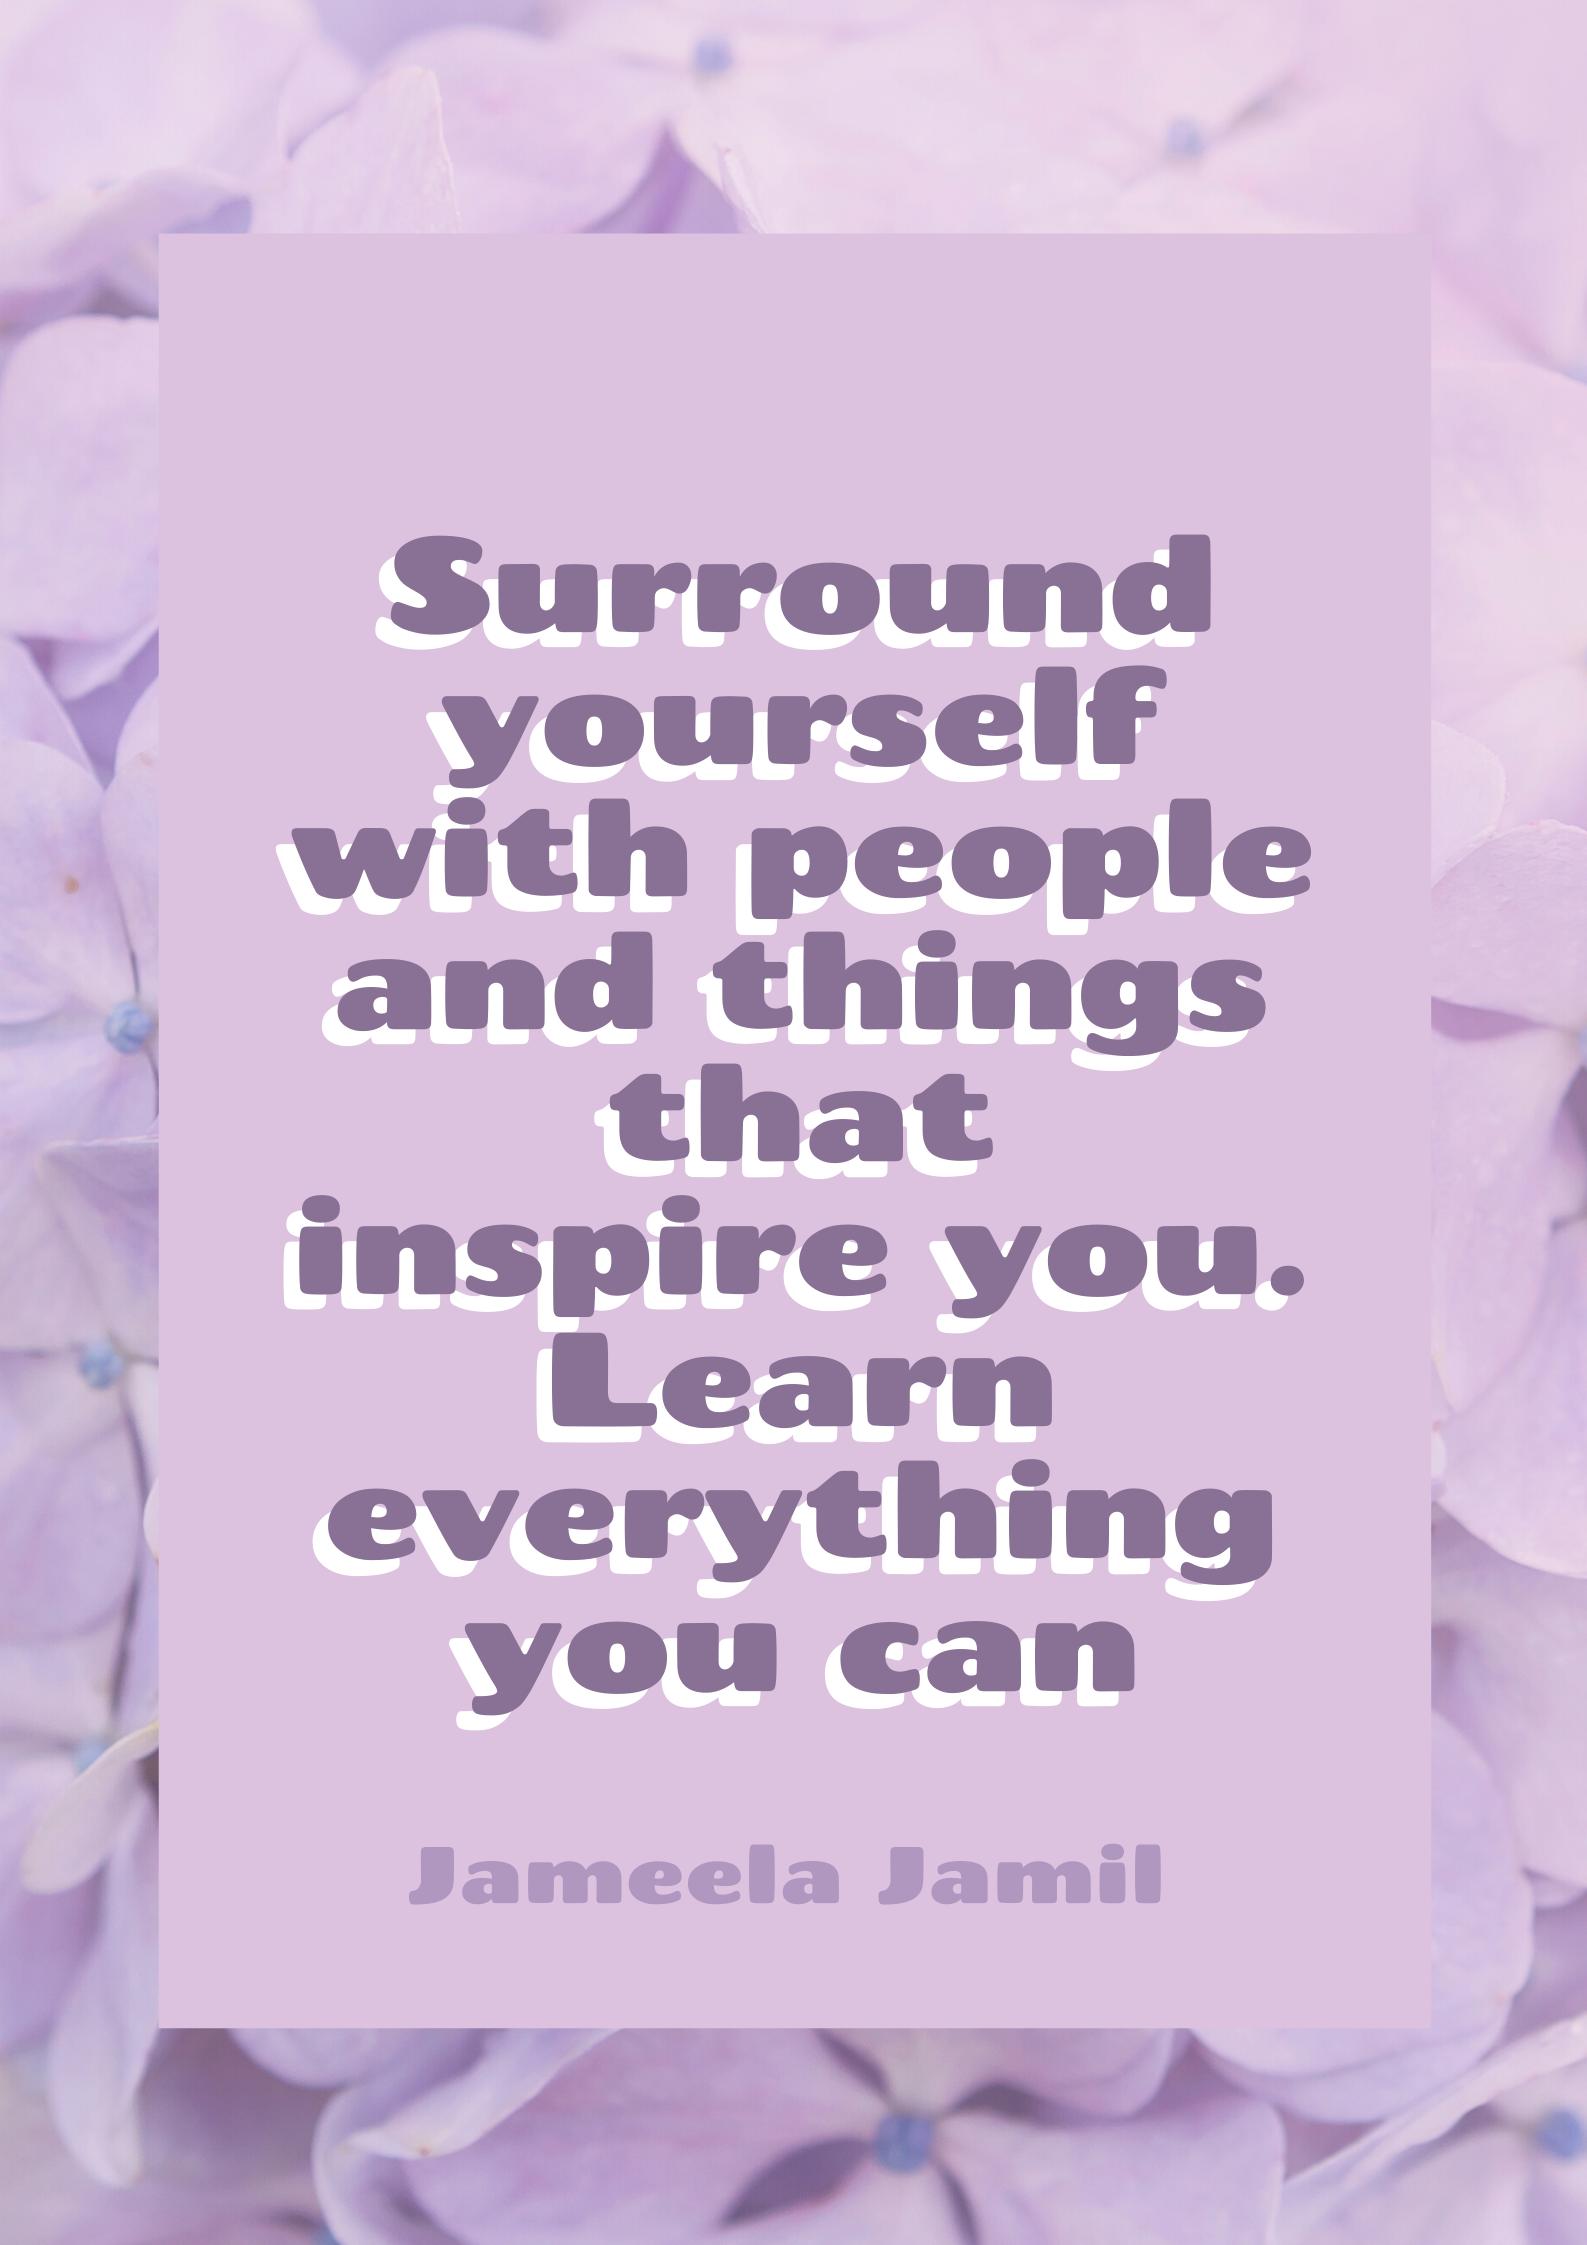 motivational quotes inspirational women jameela jamil